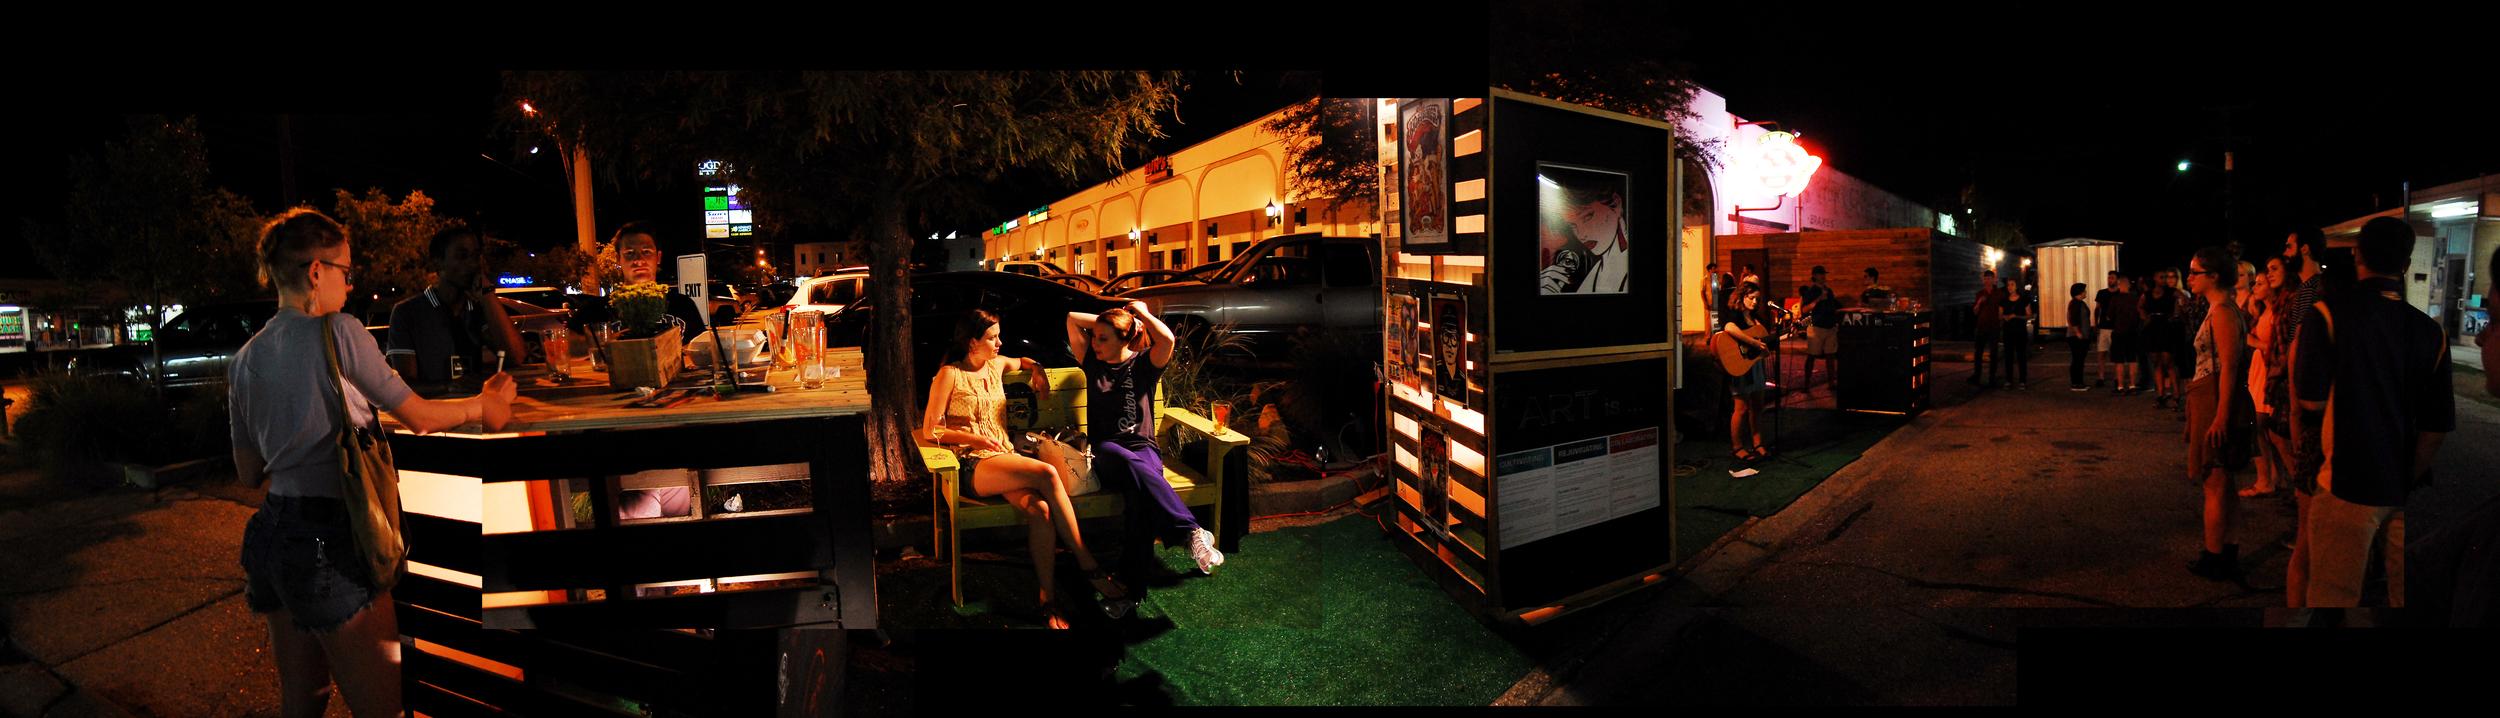 panorama-night.jpg